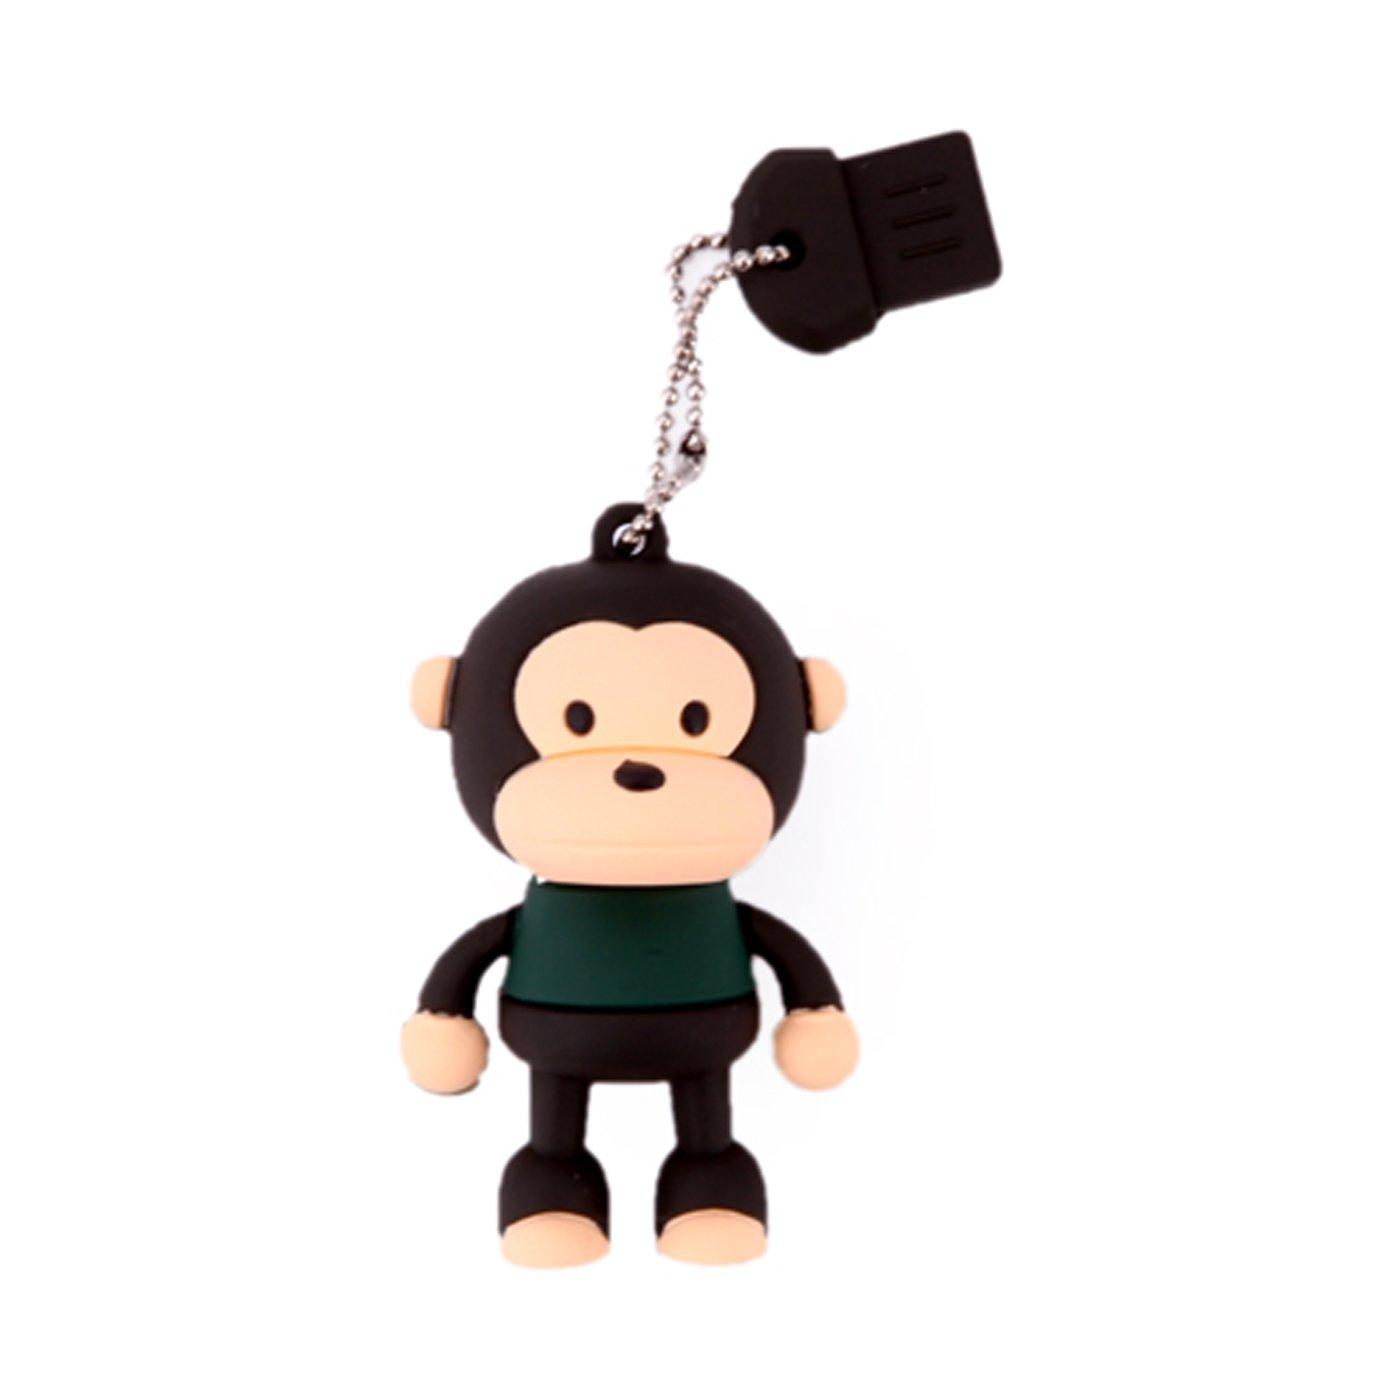 Novelty Monkey Shaped USB Flash Drive